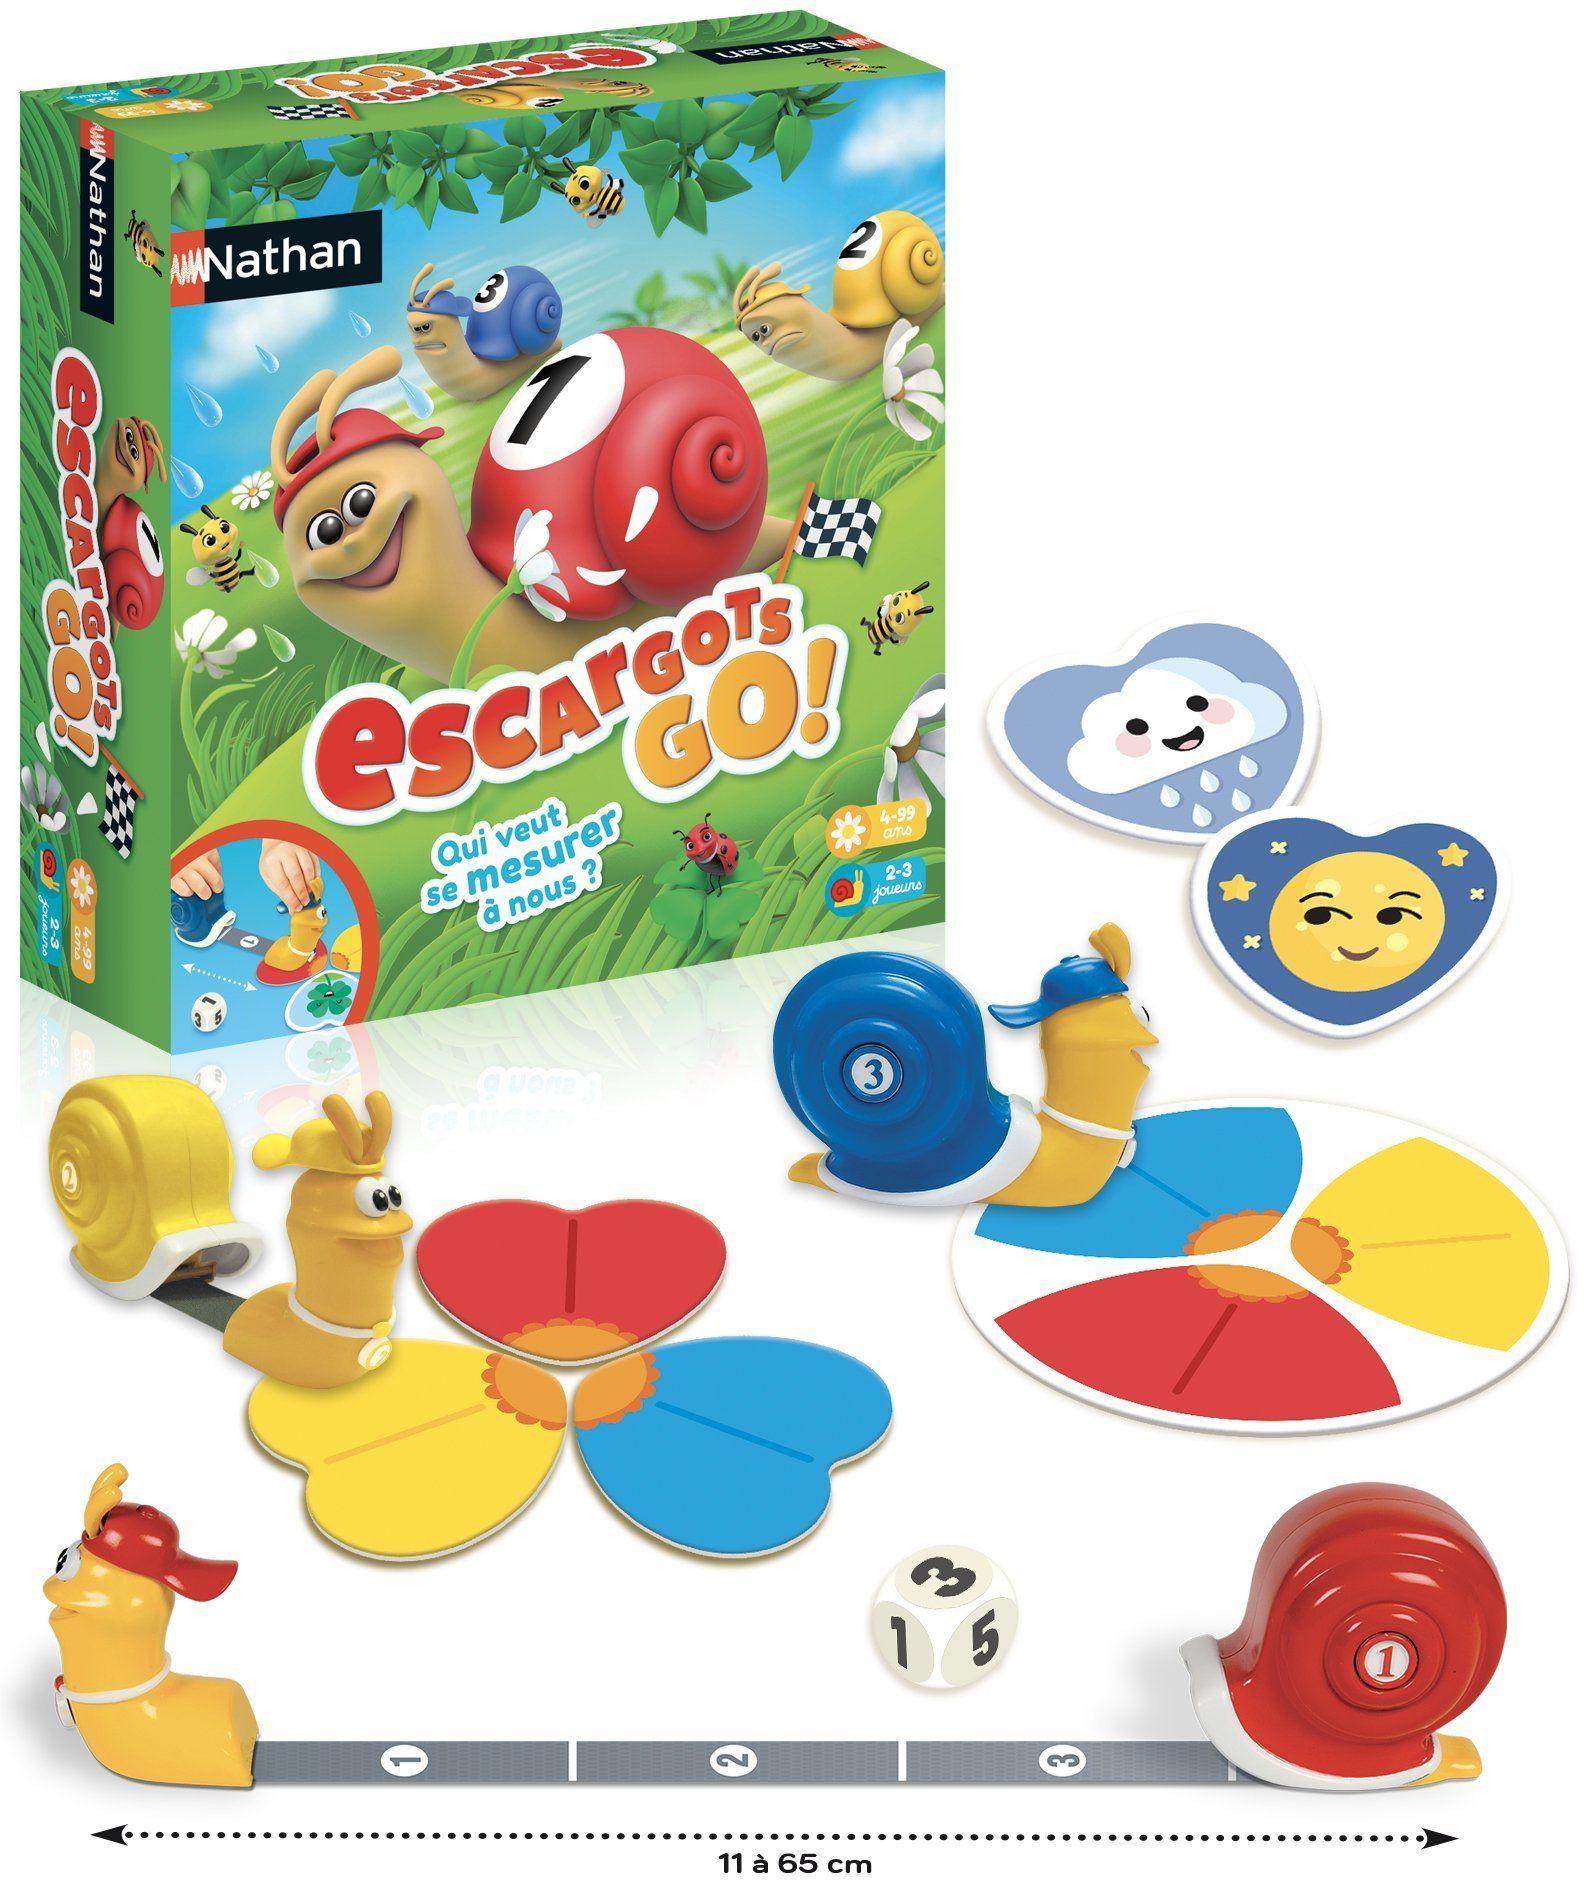 Nathan  Les ślimaki Go!  gra towarzyska dla dzieci od 4 lat z 2 trybami gry